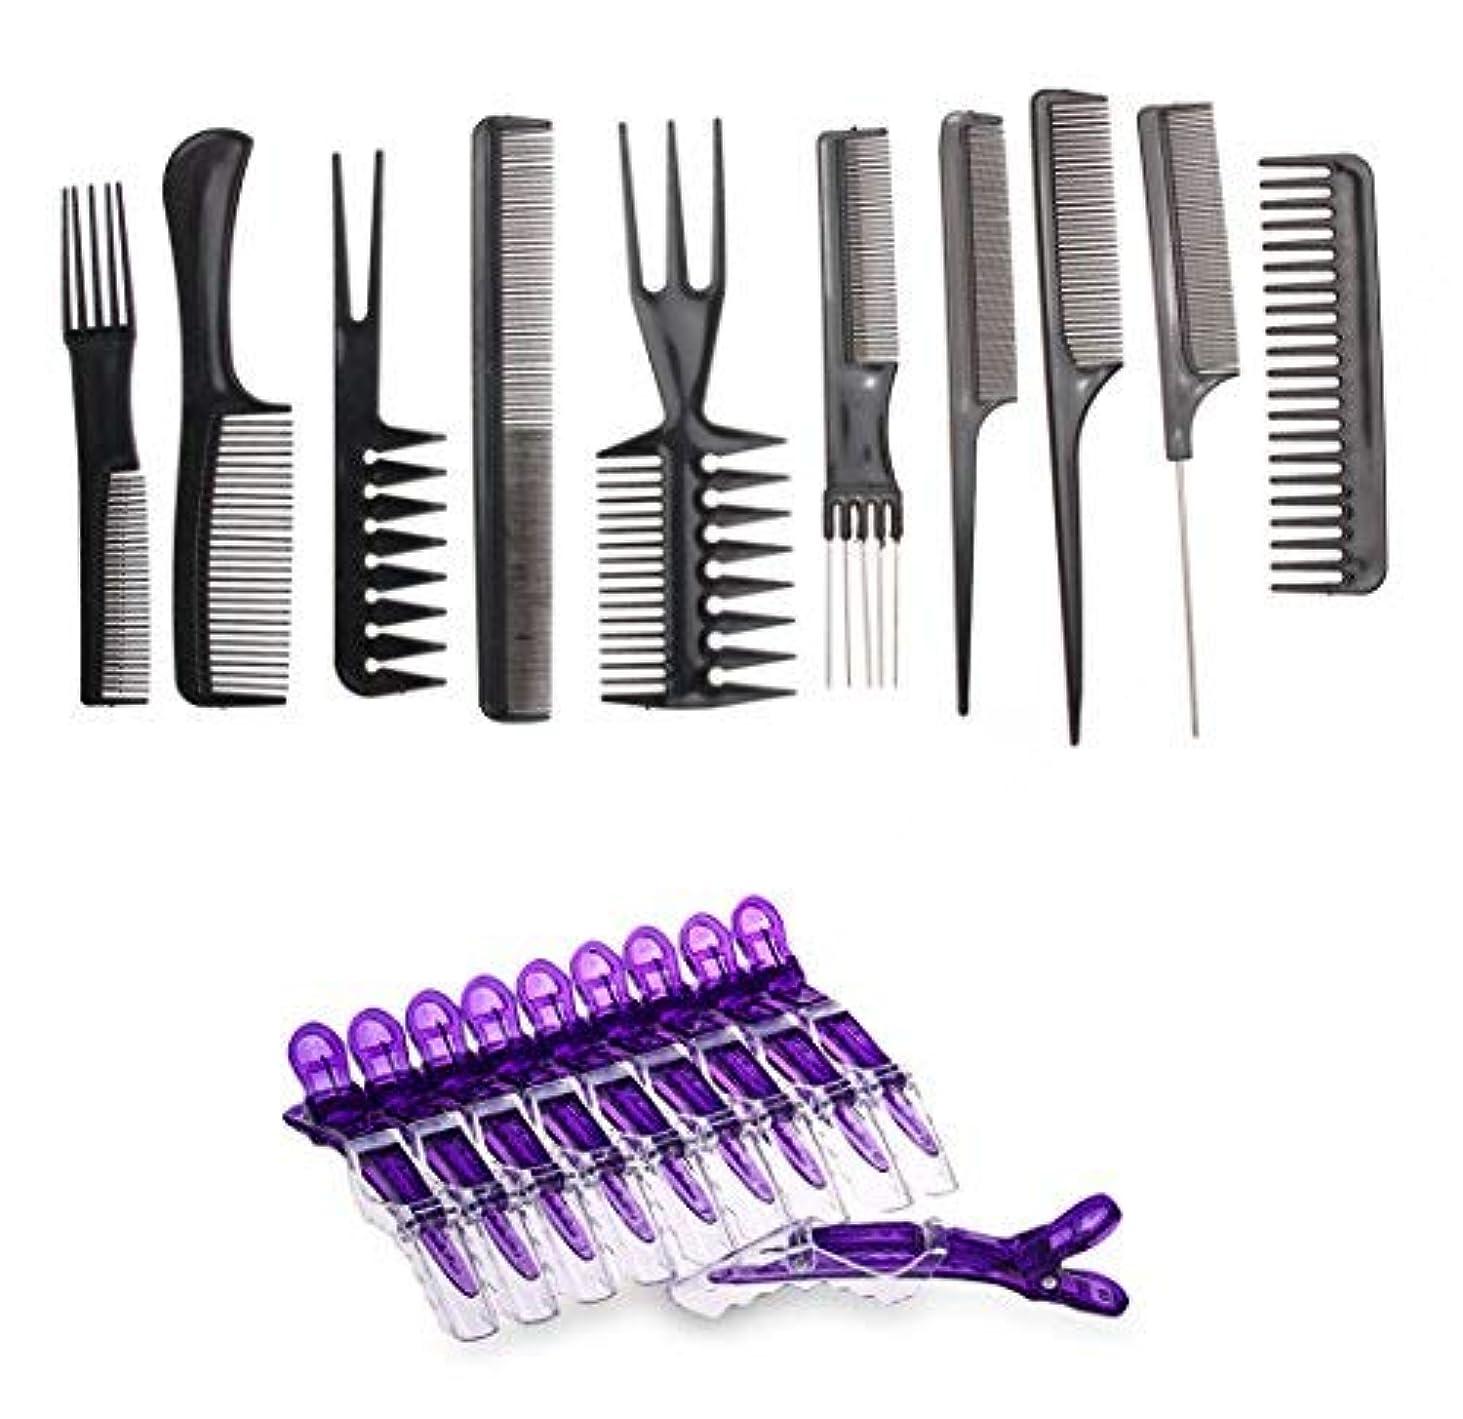 選挙にじみ出るコストLe Fu Li 10pcs/Set Professional Hair Brush Comb Salon Barber Anti-static Hair Combs Hairbrush Hairdressing Combs...